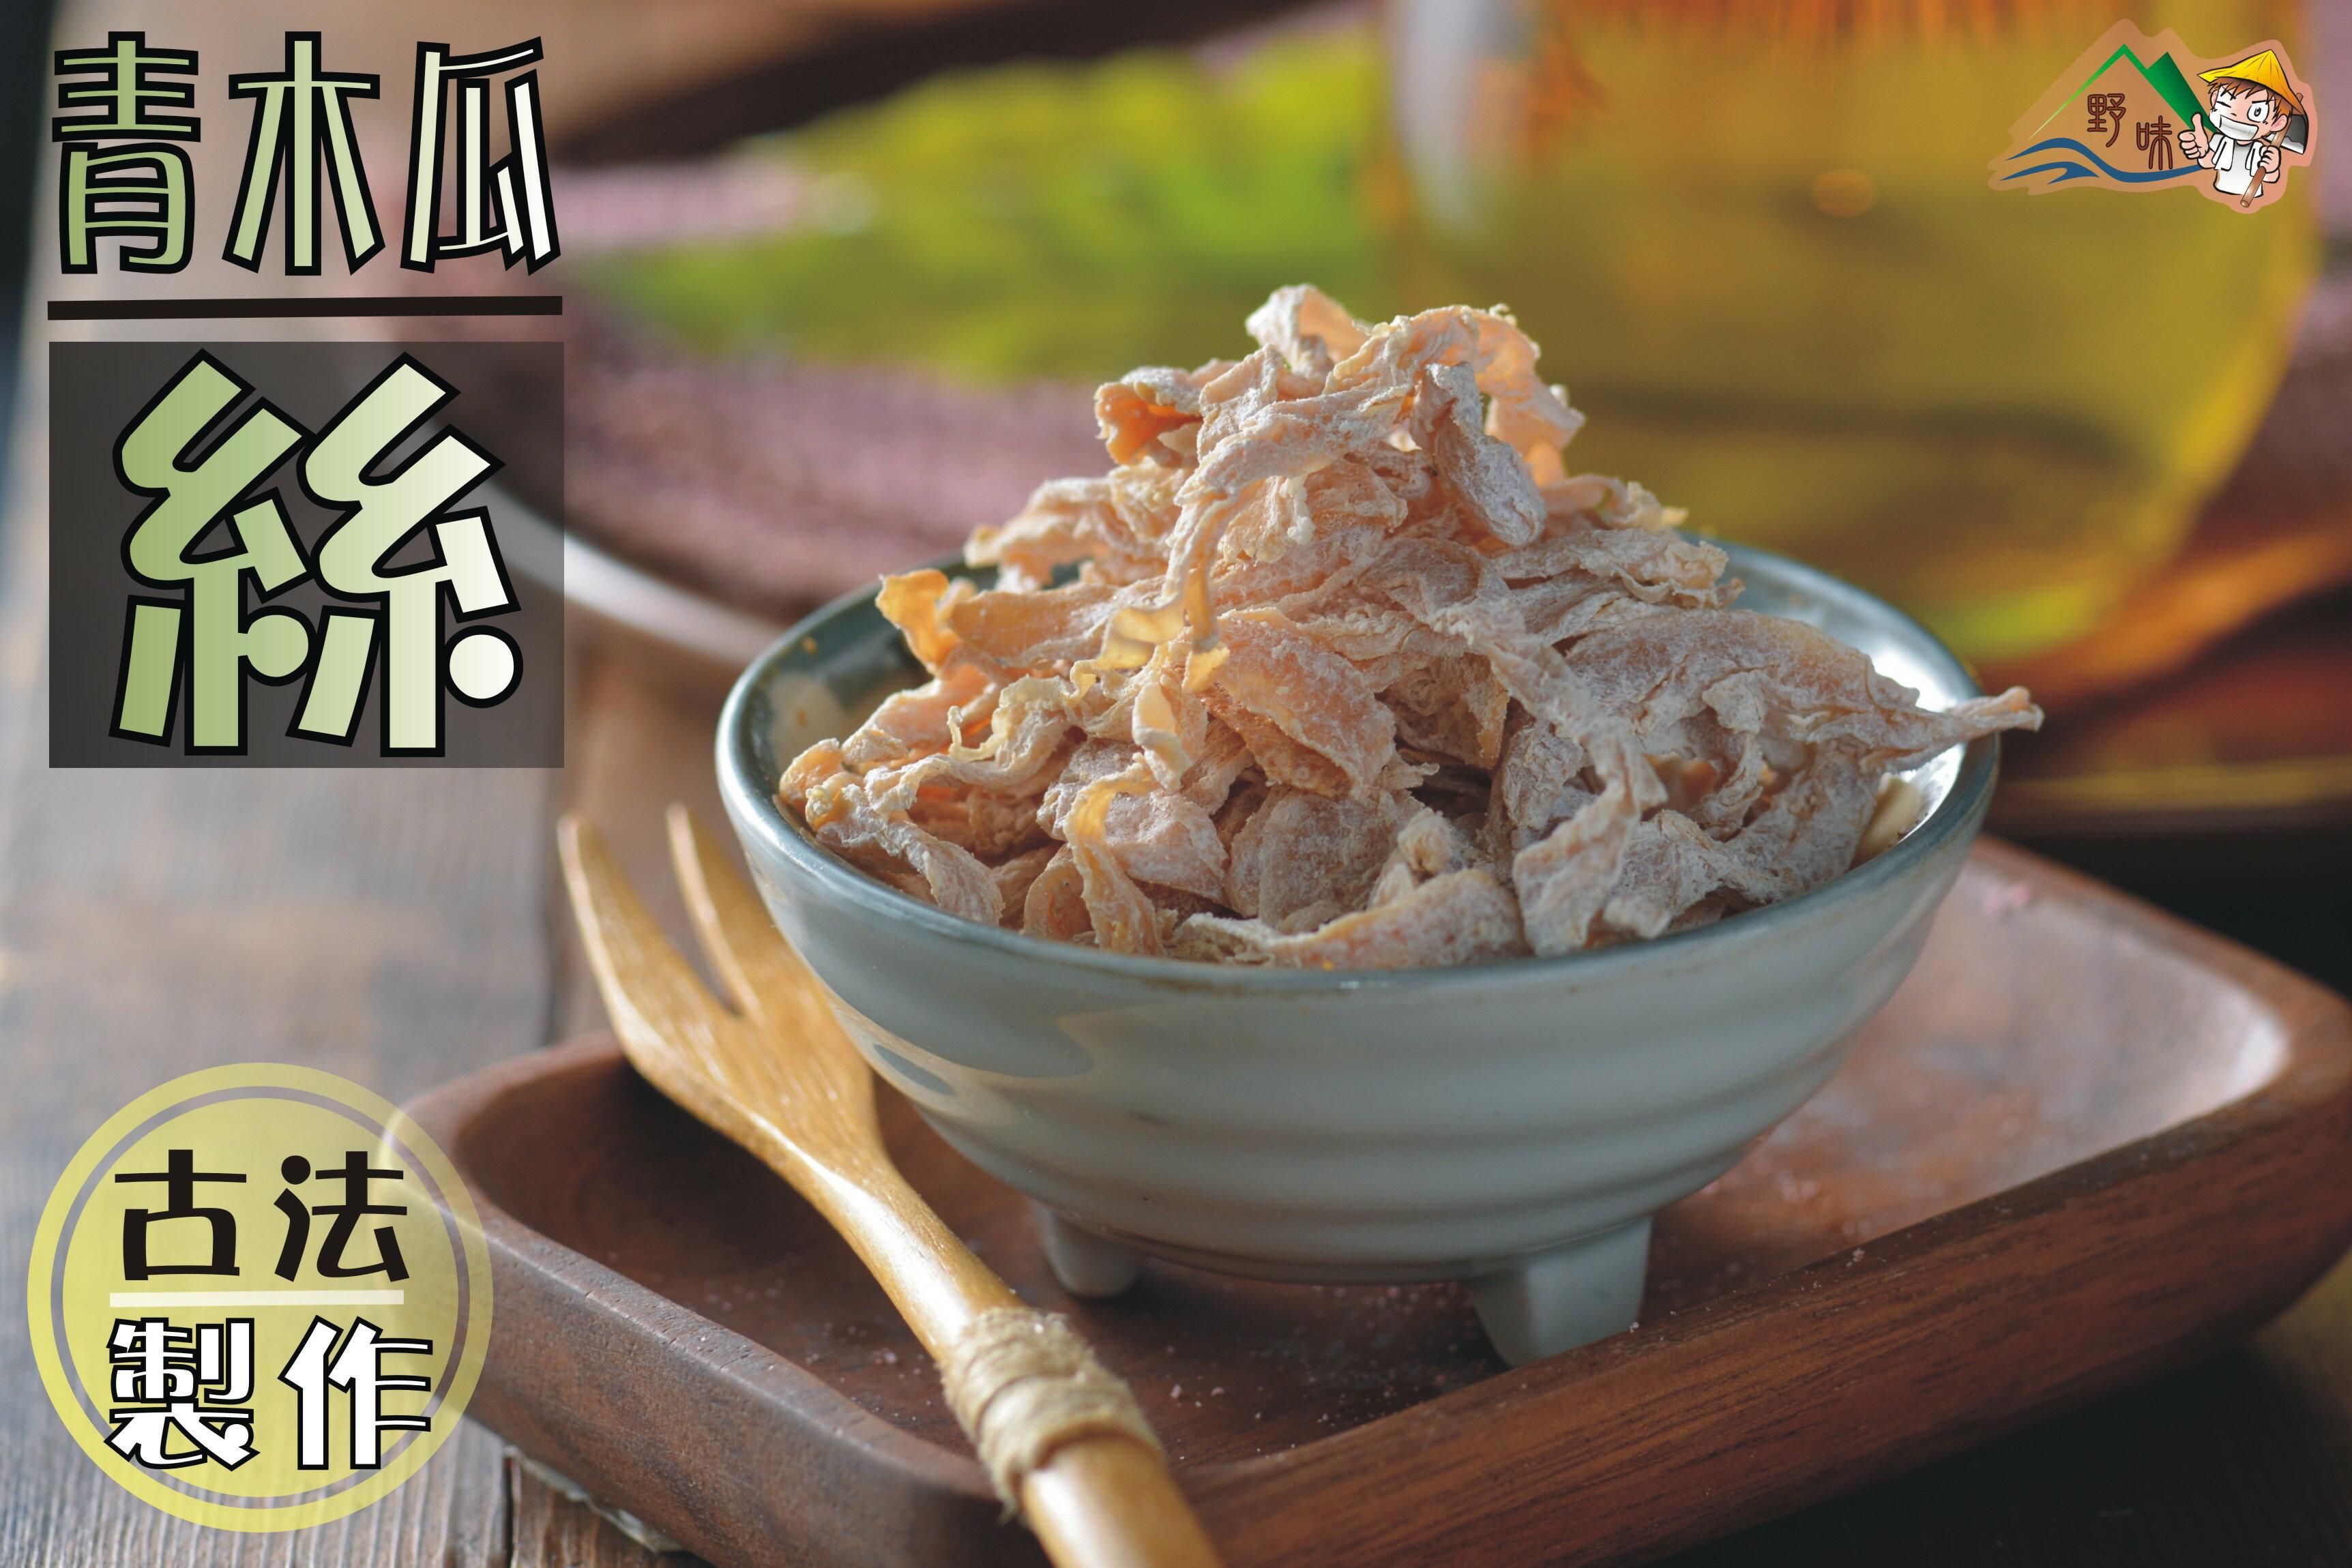 【野味食品】青木瓜絲(無花果絲)165g/包,400g/包